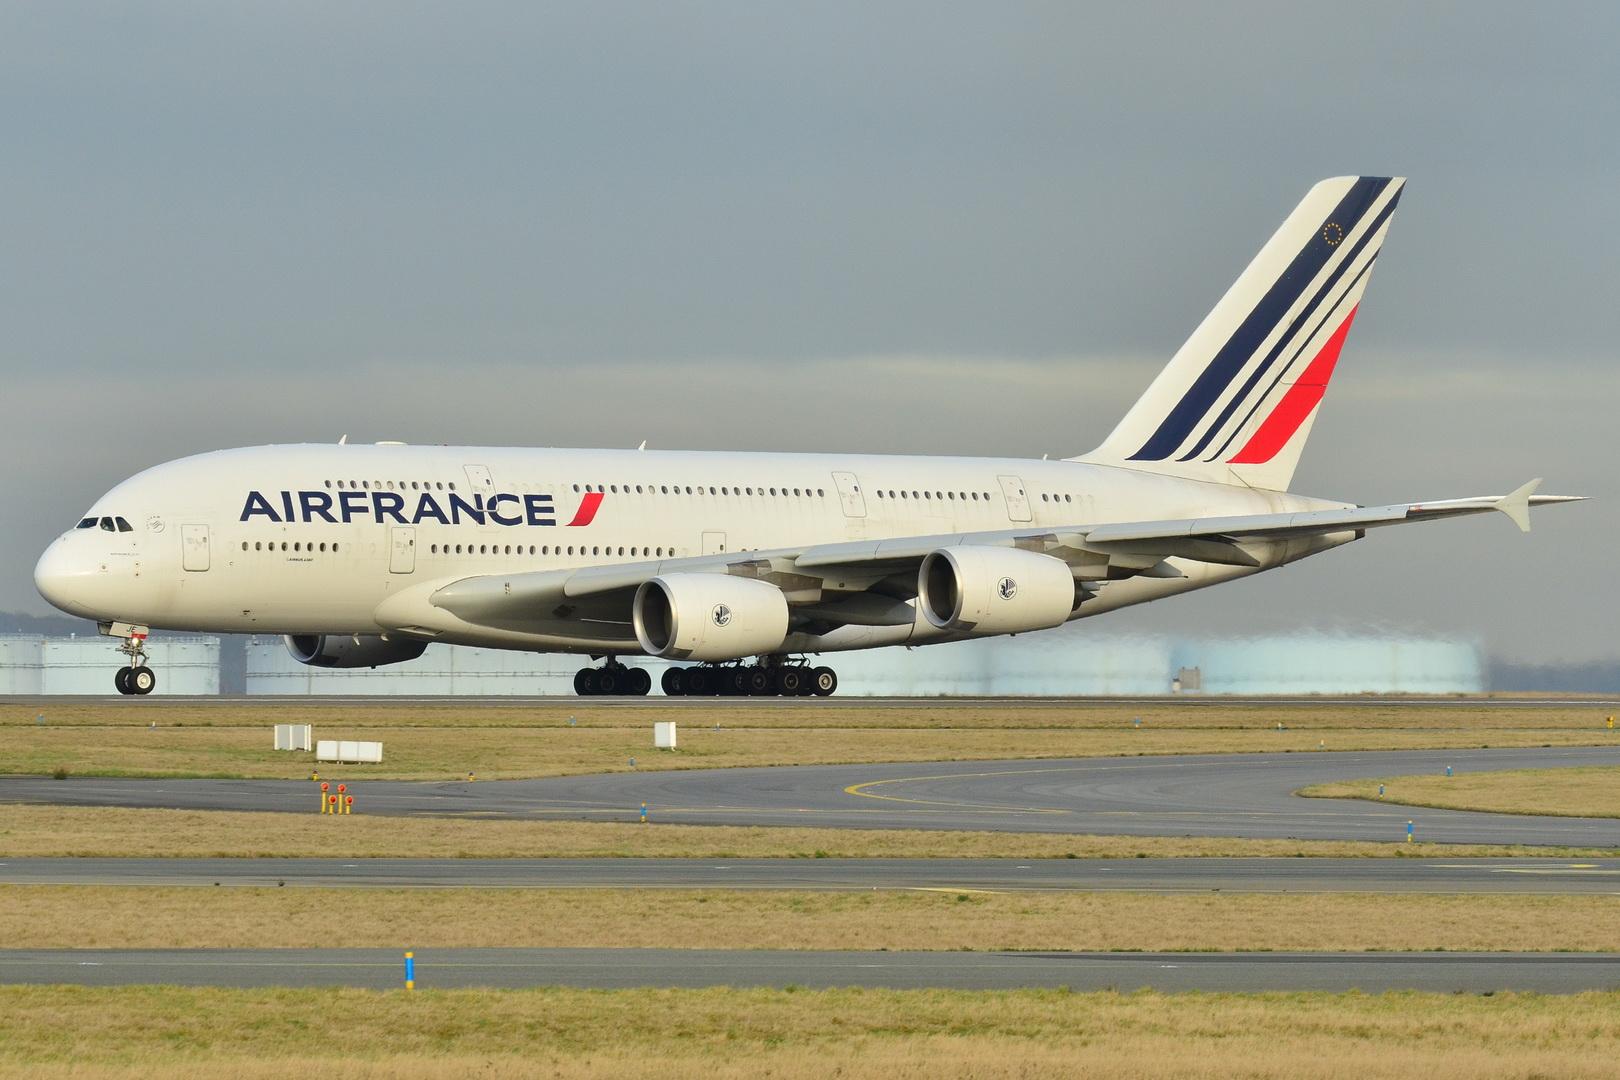 Փարիզում վայրէջք կատարած ինքնաթիռի մեջ երեխայի դի է հայտնաբերվել